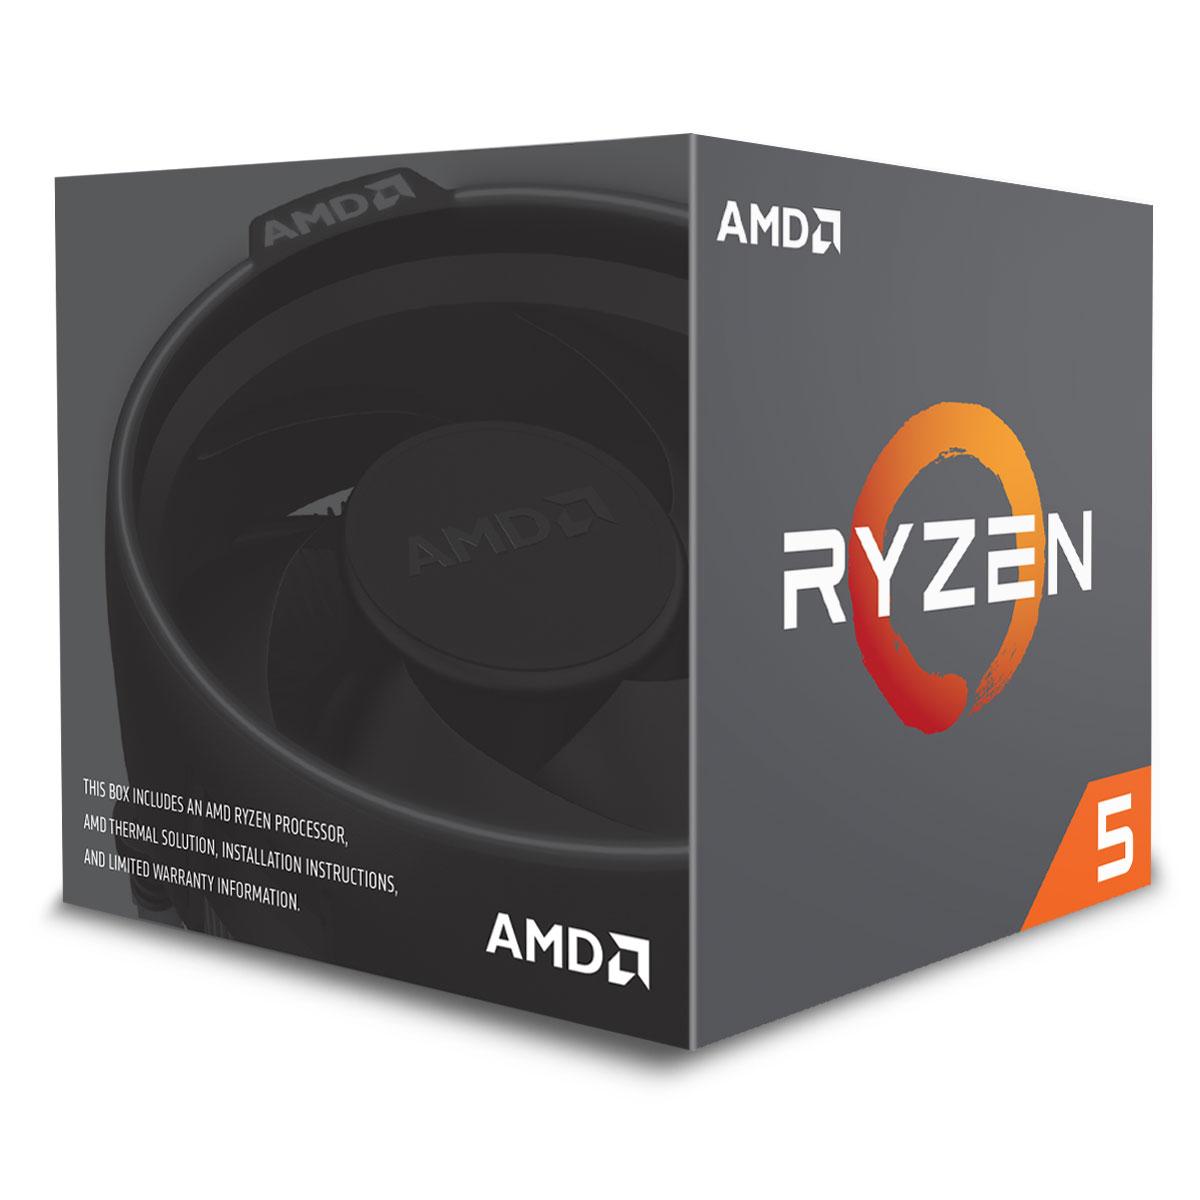 Processeur AMD Ryzen 5 2600X Wraith Spire Edition (3.6 GHz) Processeur 6-Core socket AM4 Cache L3 16 Mo 0.012 micron TDP 95W avec système de refroidissement (version boîte - garantie constructeur 3 ans)